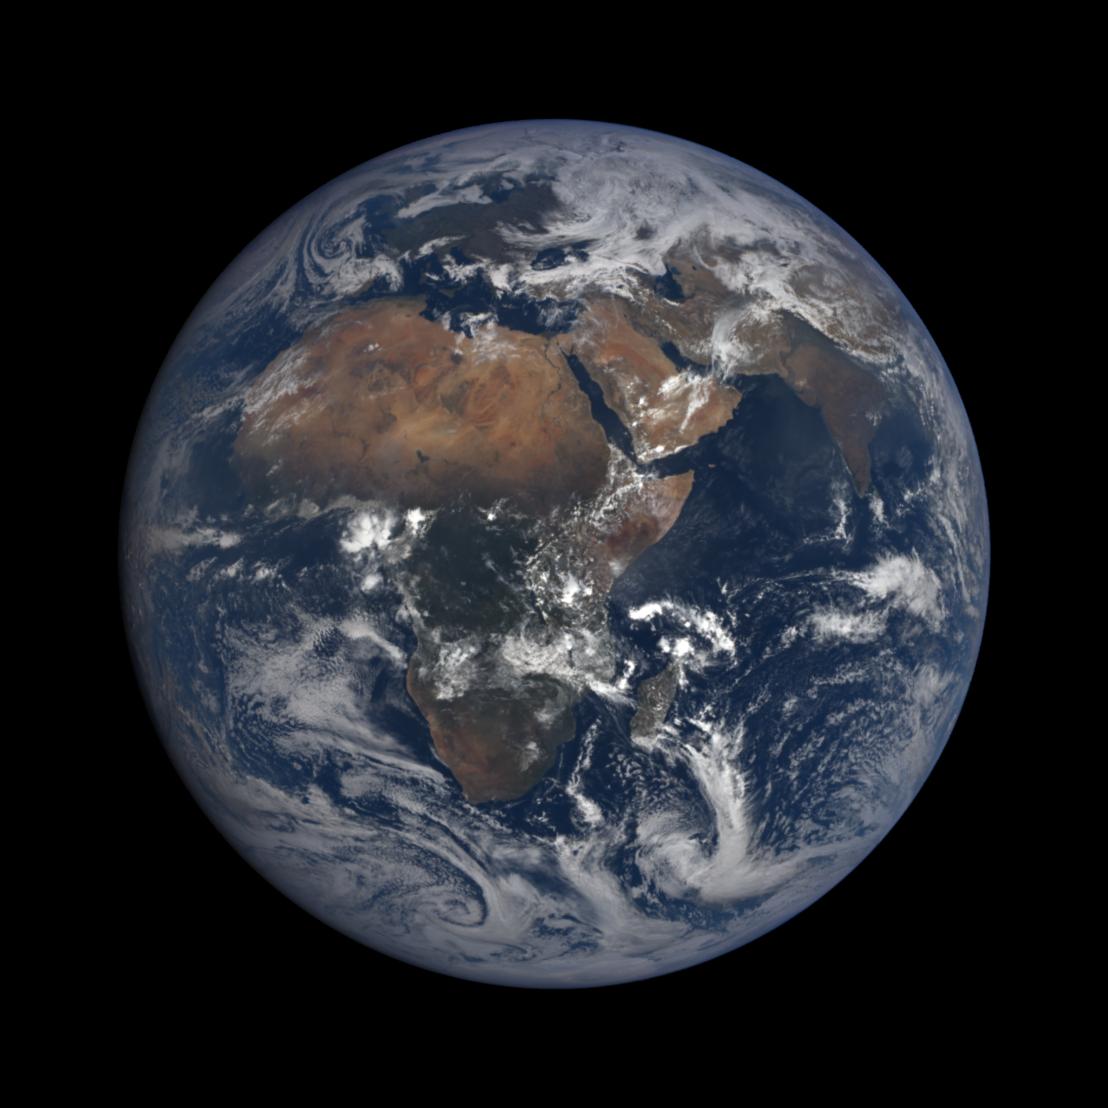 Sauver cette vision unique de la Terre